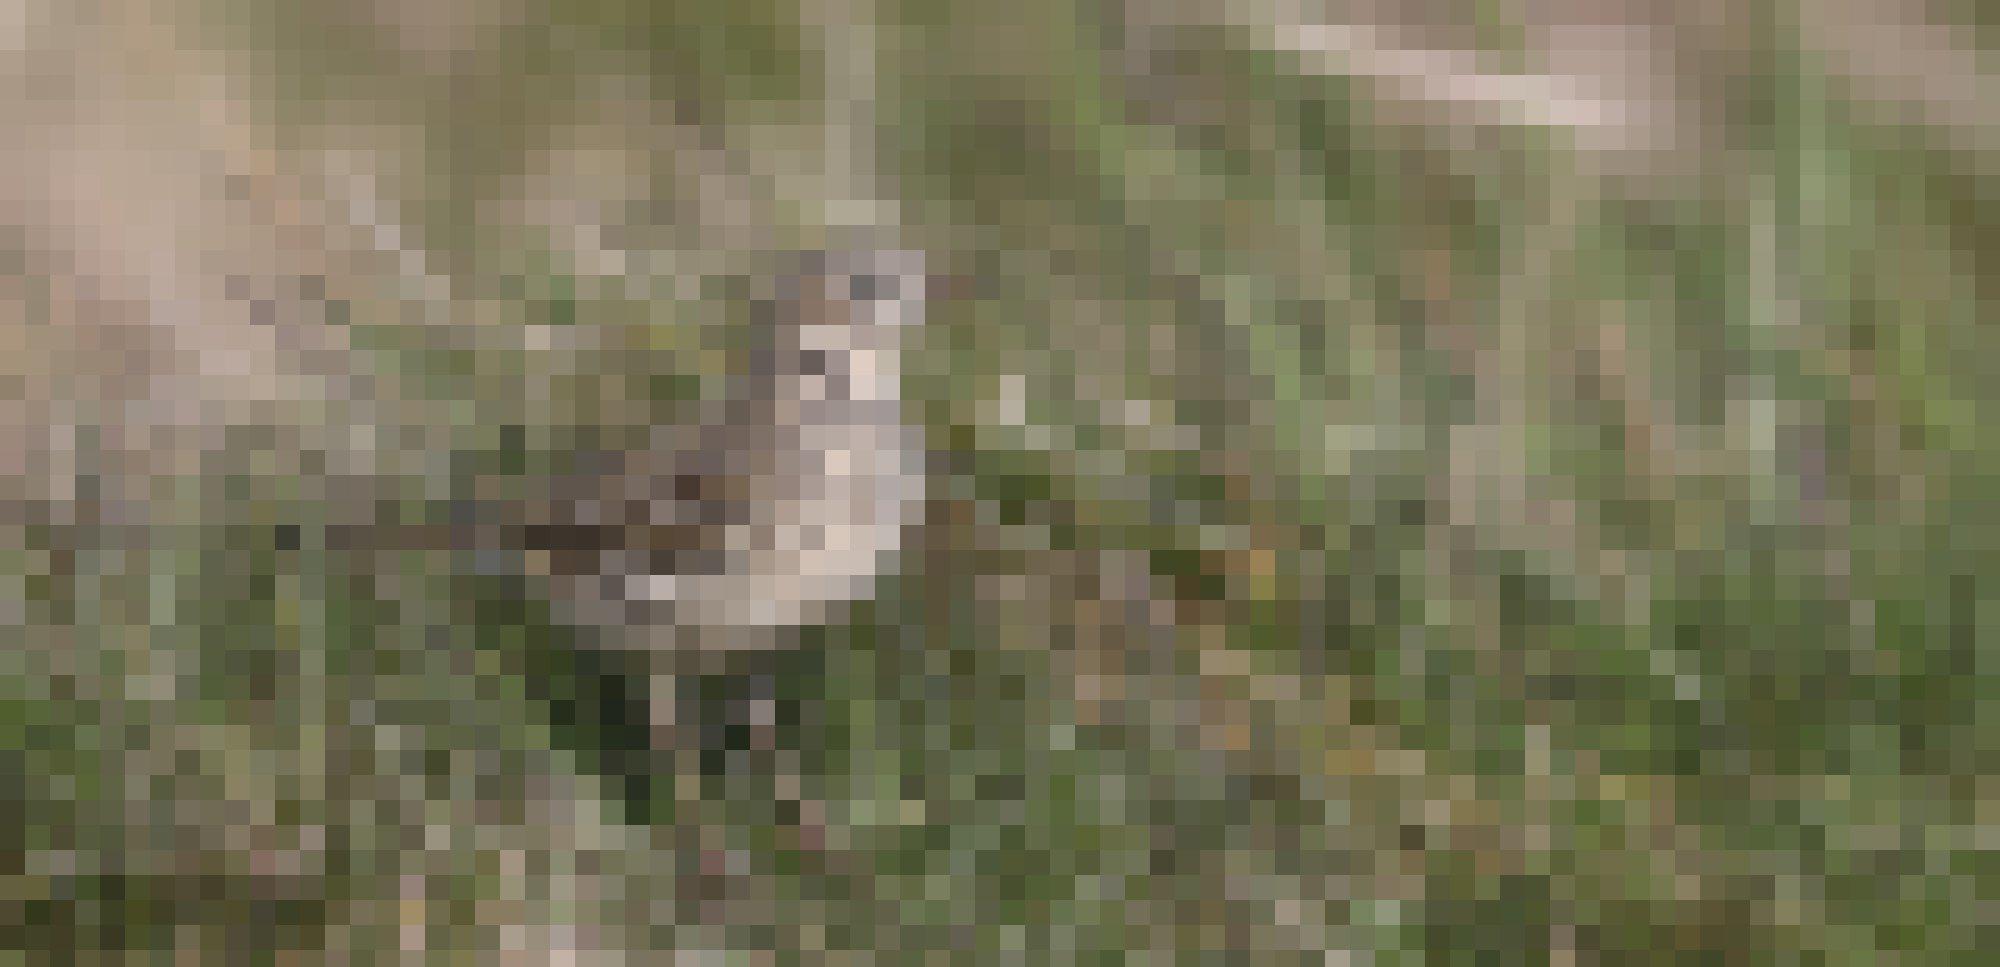 Ein Wiesenpieper auf dem Boden